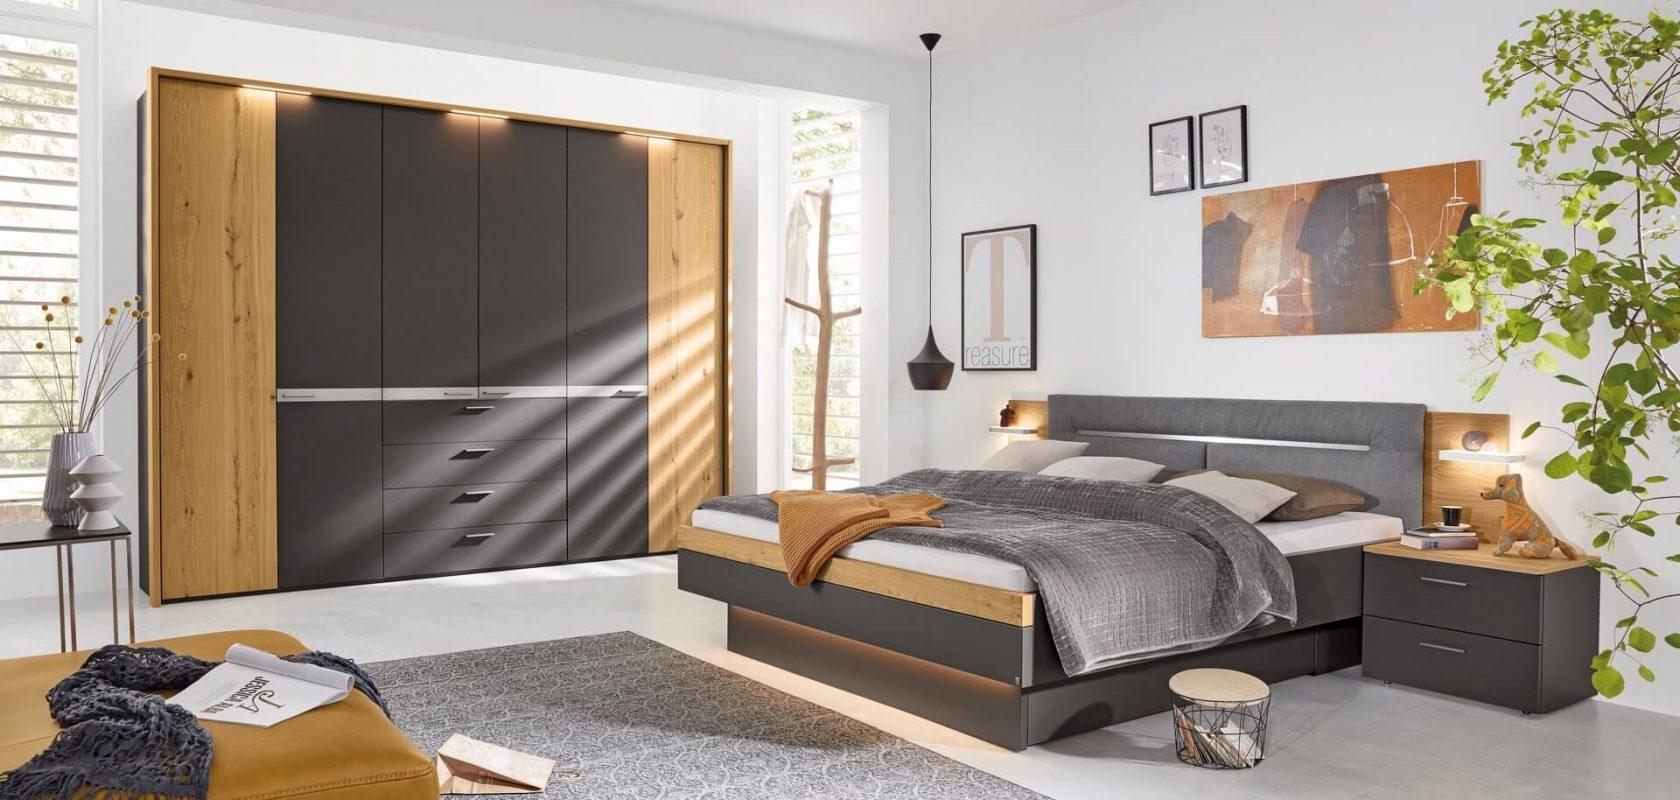 schlafzimmer möbel einrichtung schrank schränke greifswald einrichtungshaus-min